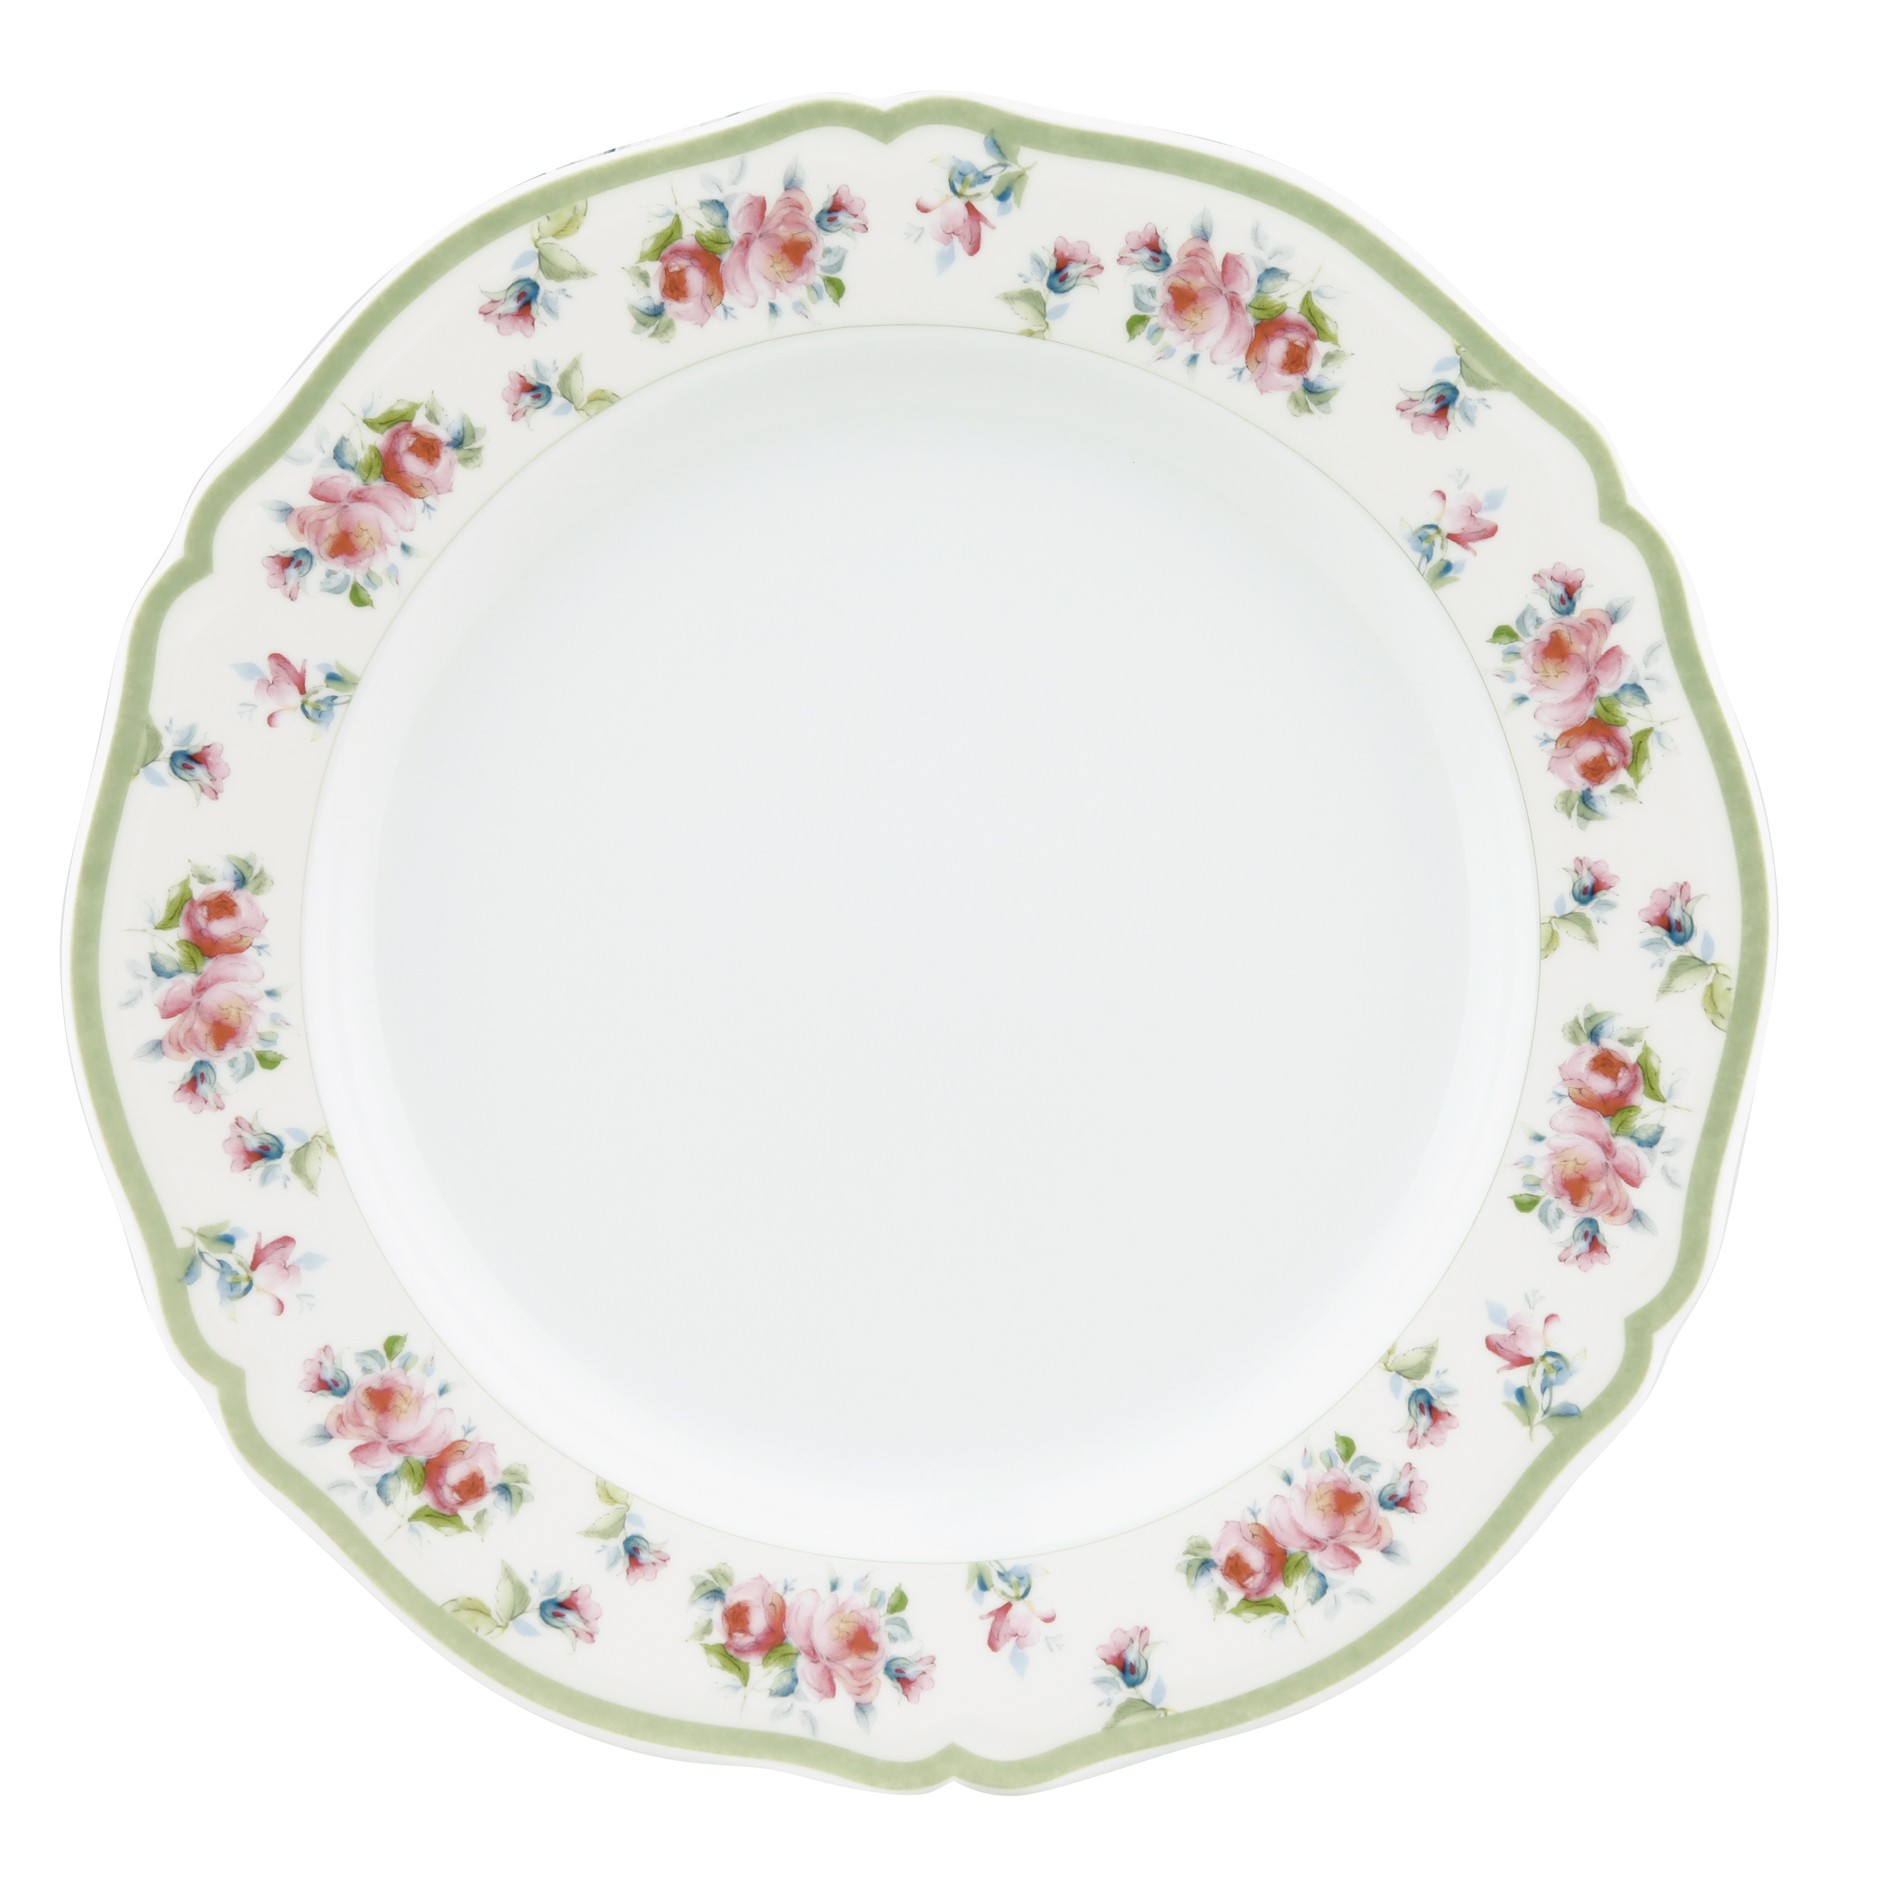 Πιάτο Ρηχό Στρογγυλό Σετ 6Τμχ Romantica 26,6cm Ionia home   ειδη σερβιρισματος   πιάτα